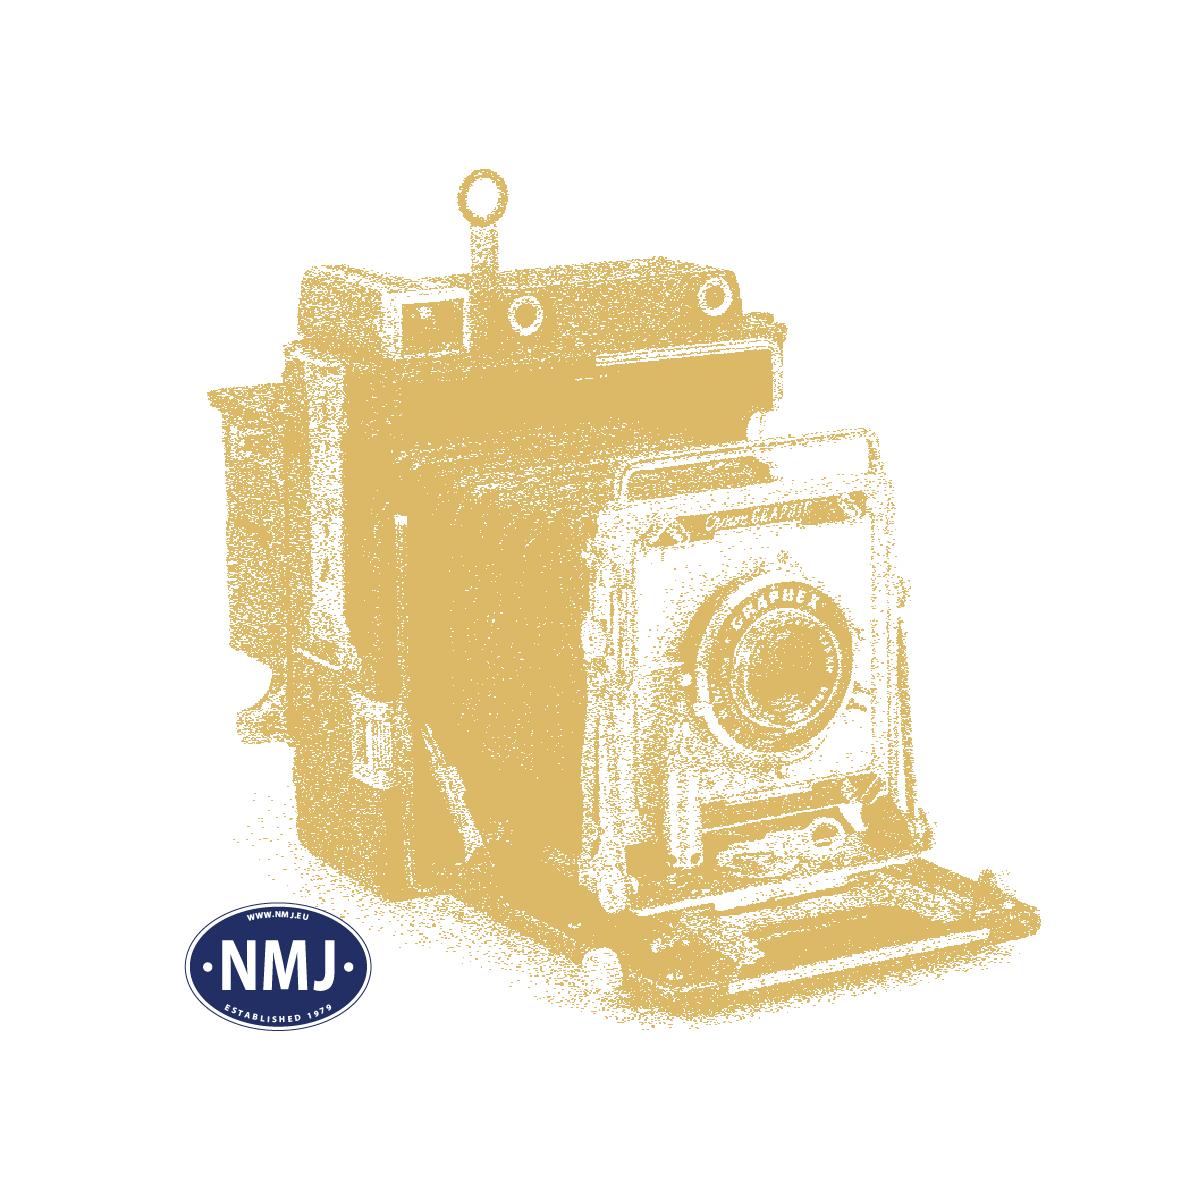 NMJS21c375 - NMJ Superline NSB Damplok Type 21c 375